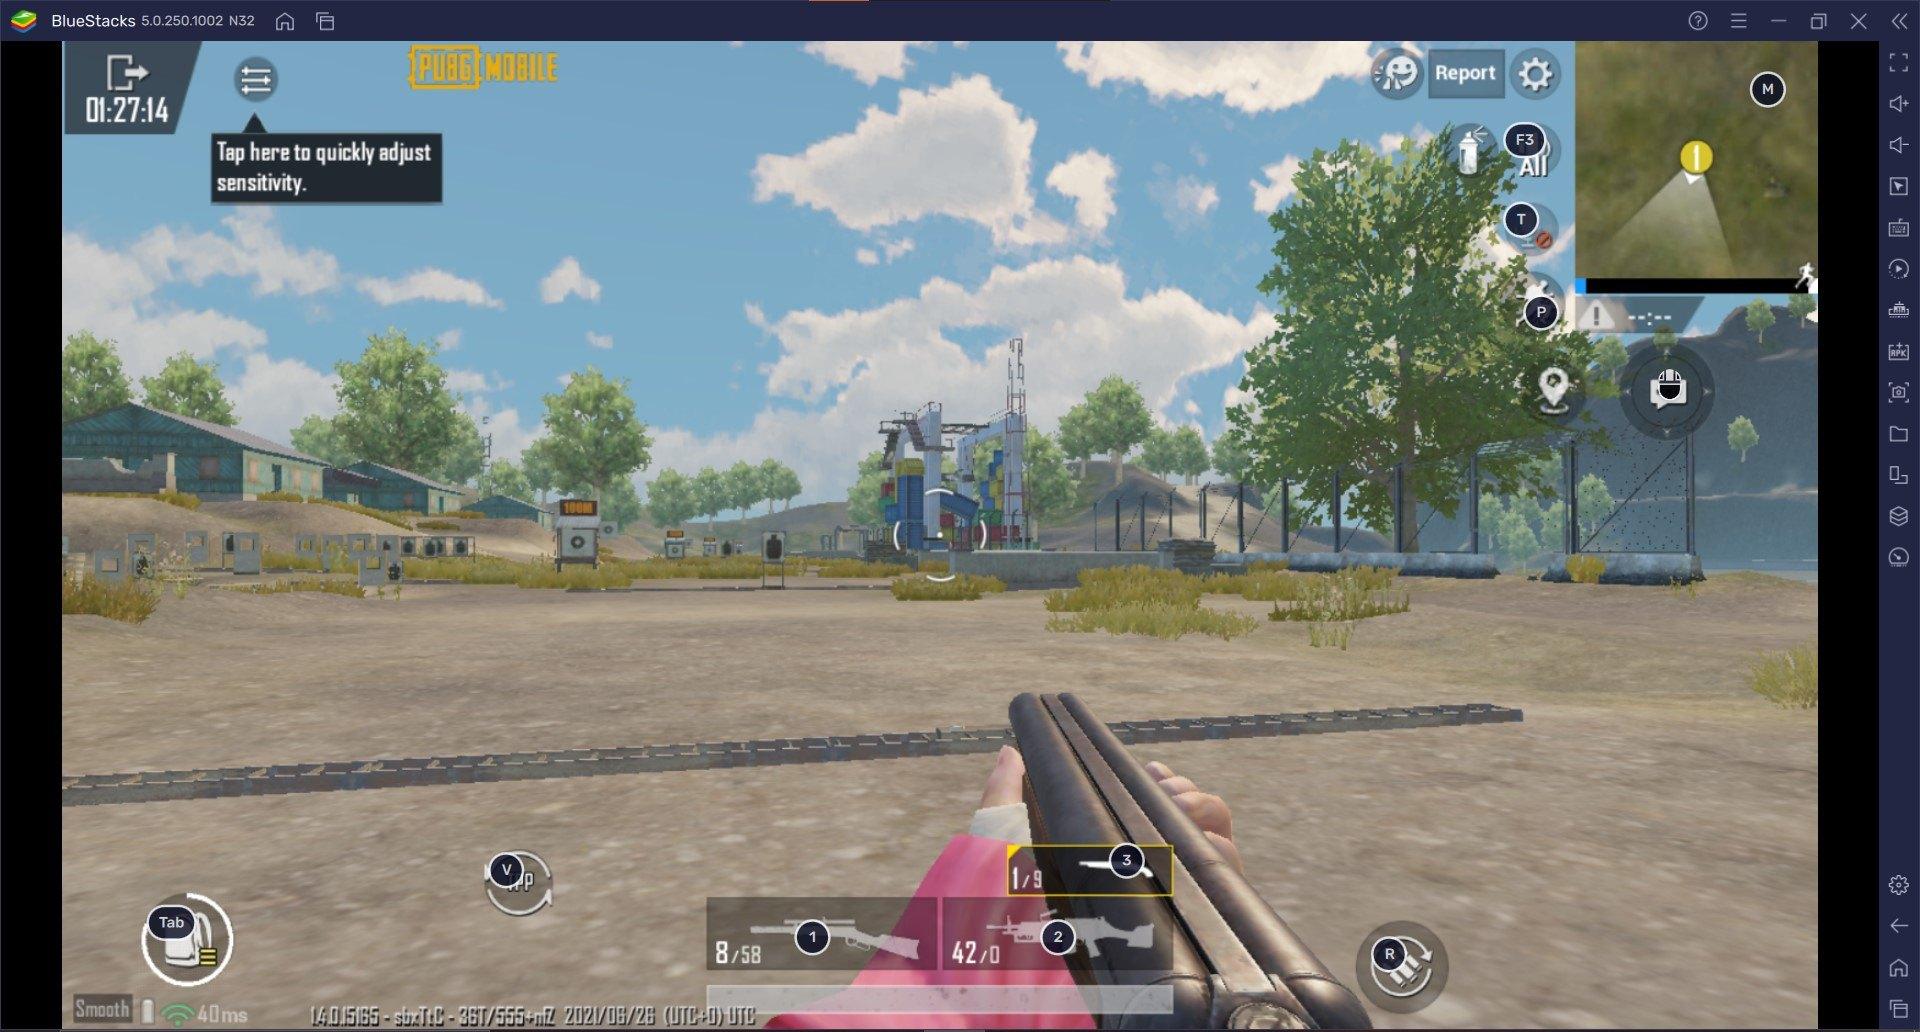 Handling the Handguns: BlueStacks Guide to Handguns in PUBG Mobile